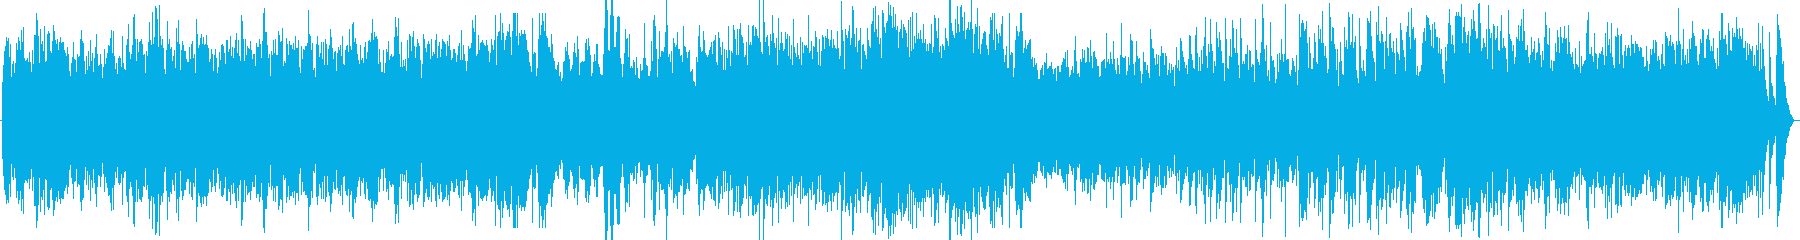 マルチ場面に対応した情緒溢れるBGMの再生済みの波形